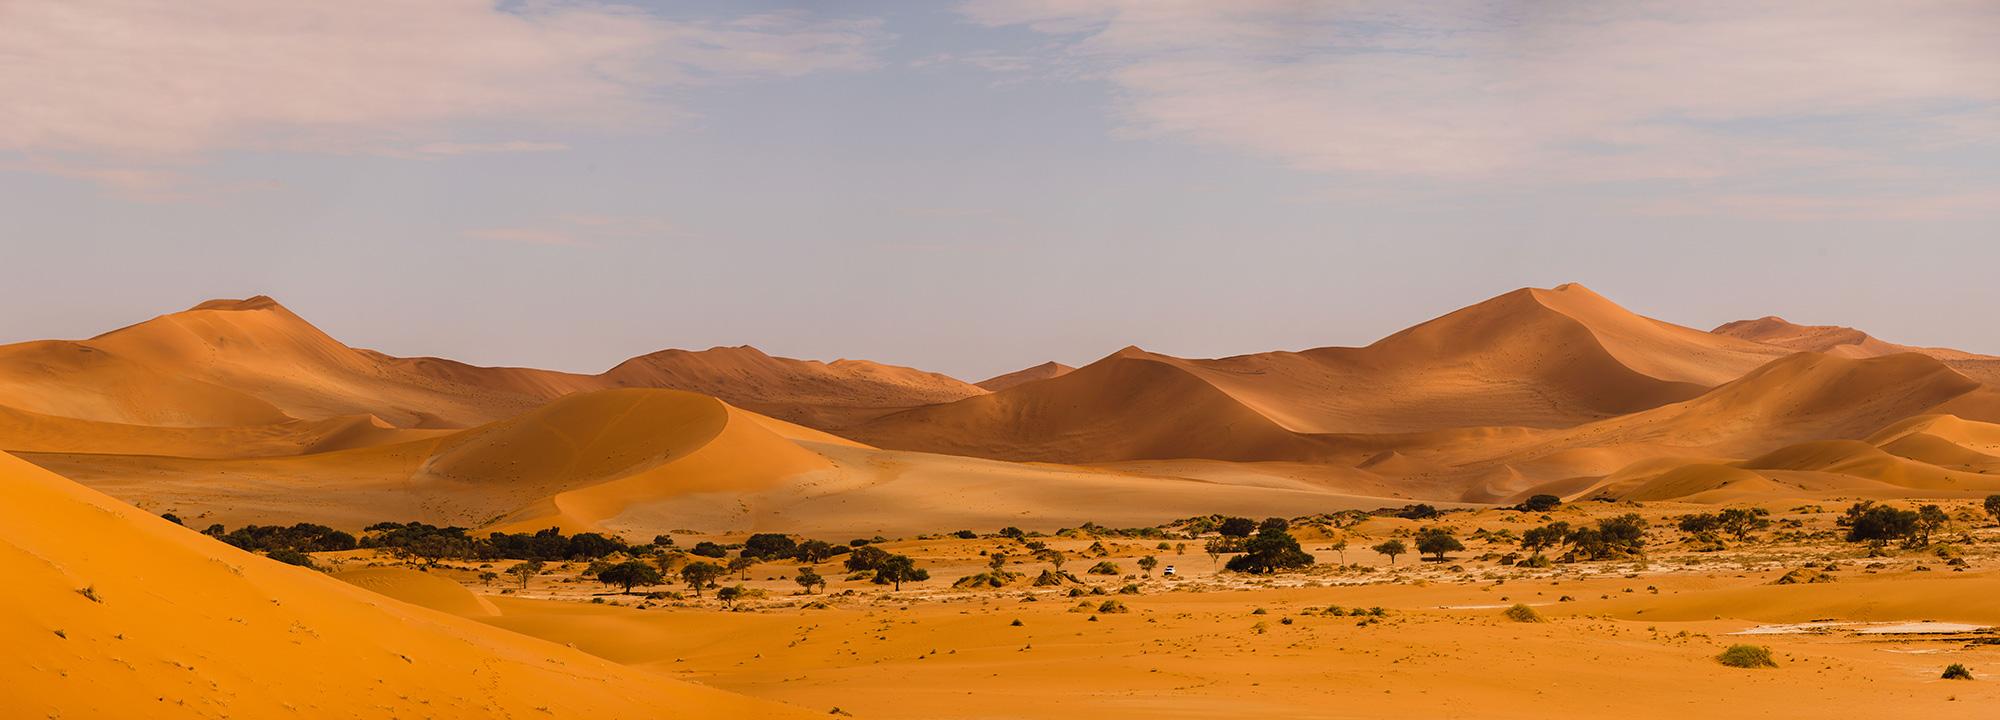 0019_Namibia_.jpg